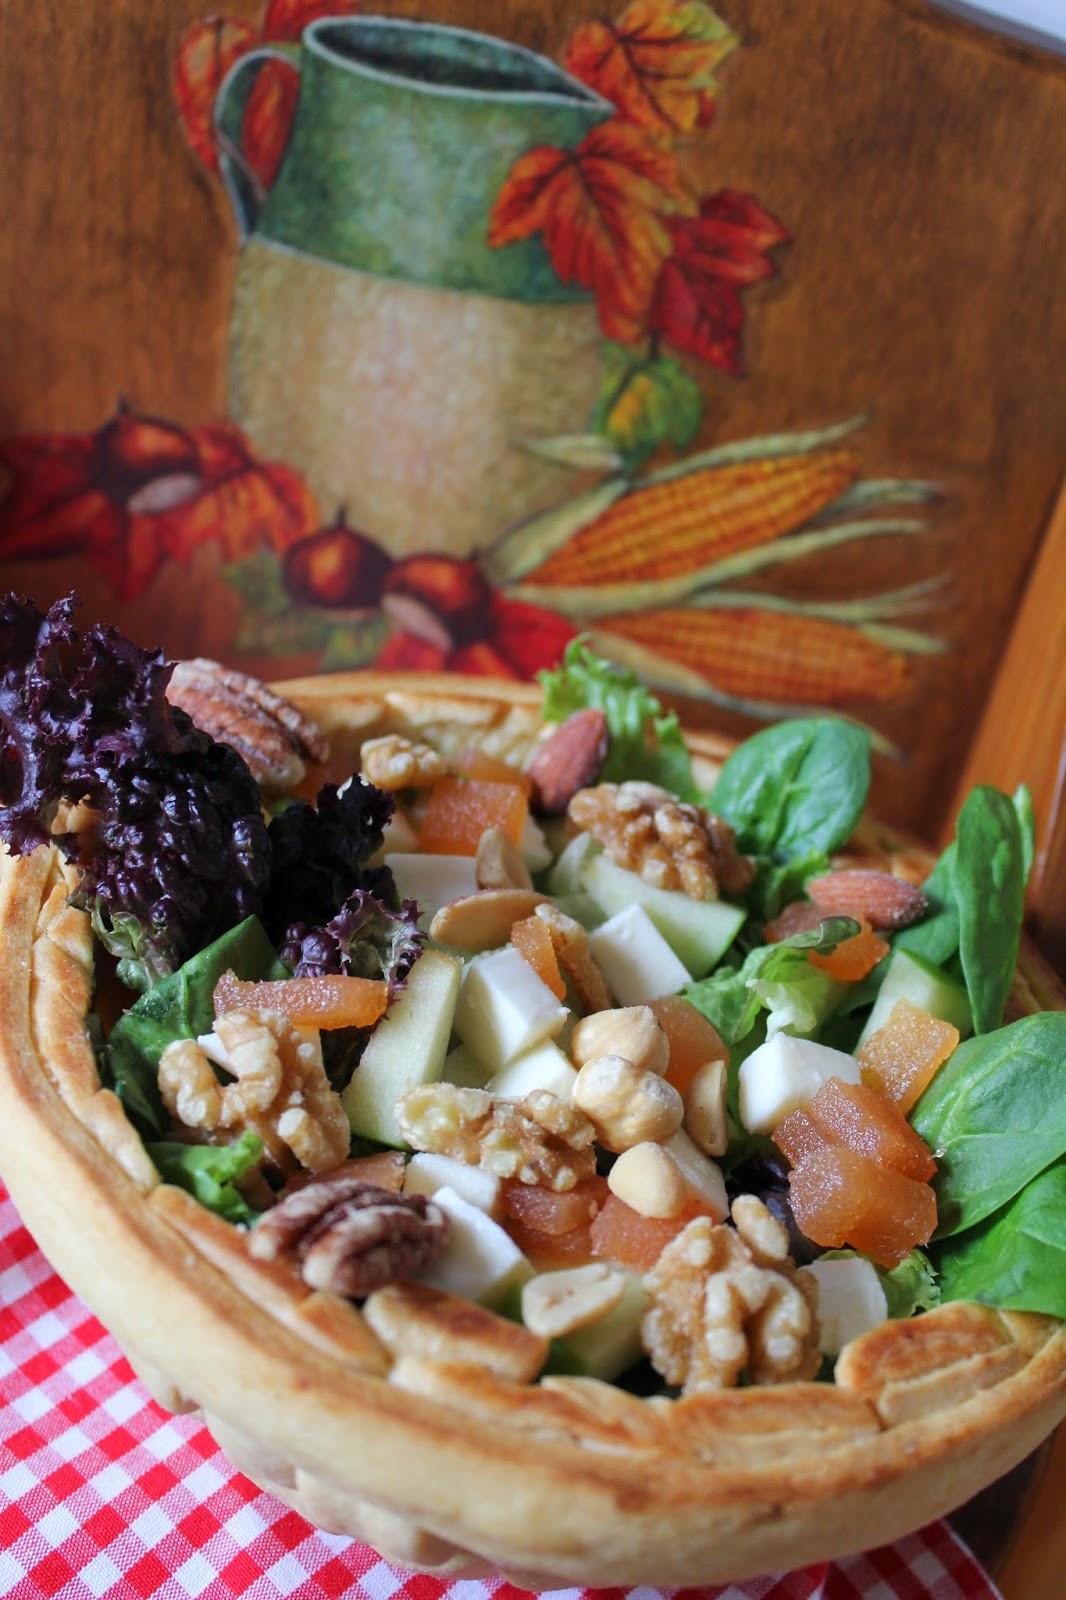 cesta-de-pan-y-ensalada-frutos-secos